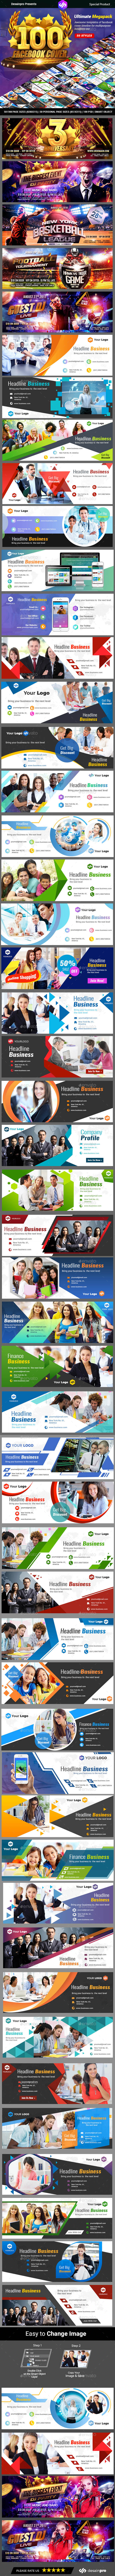 Facebook Cover Ultimate Megapack - Facebook Timeline Covers Social Media